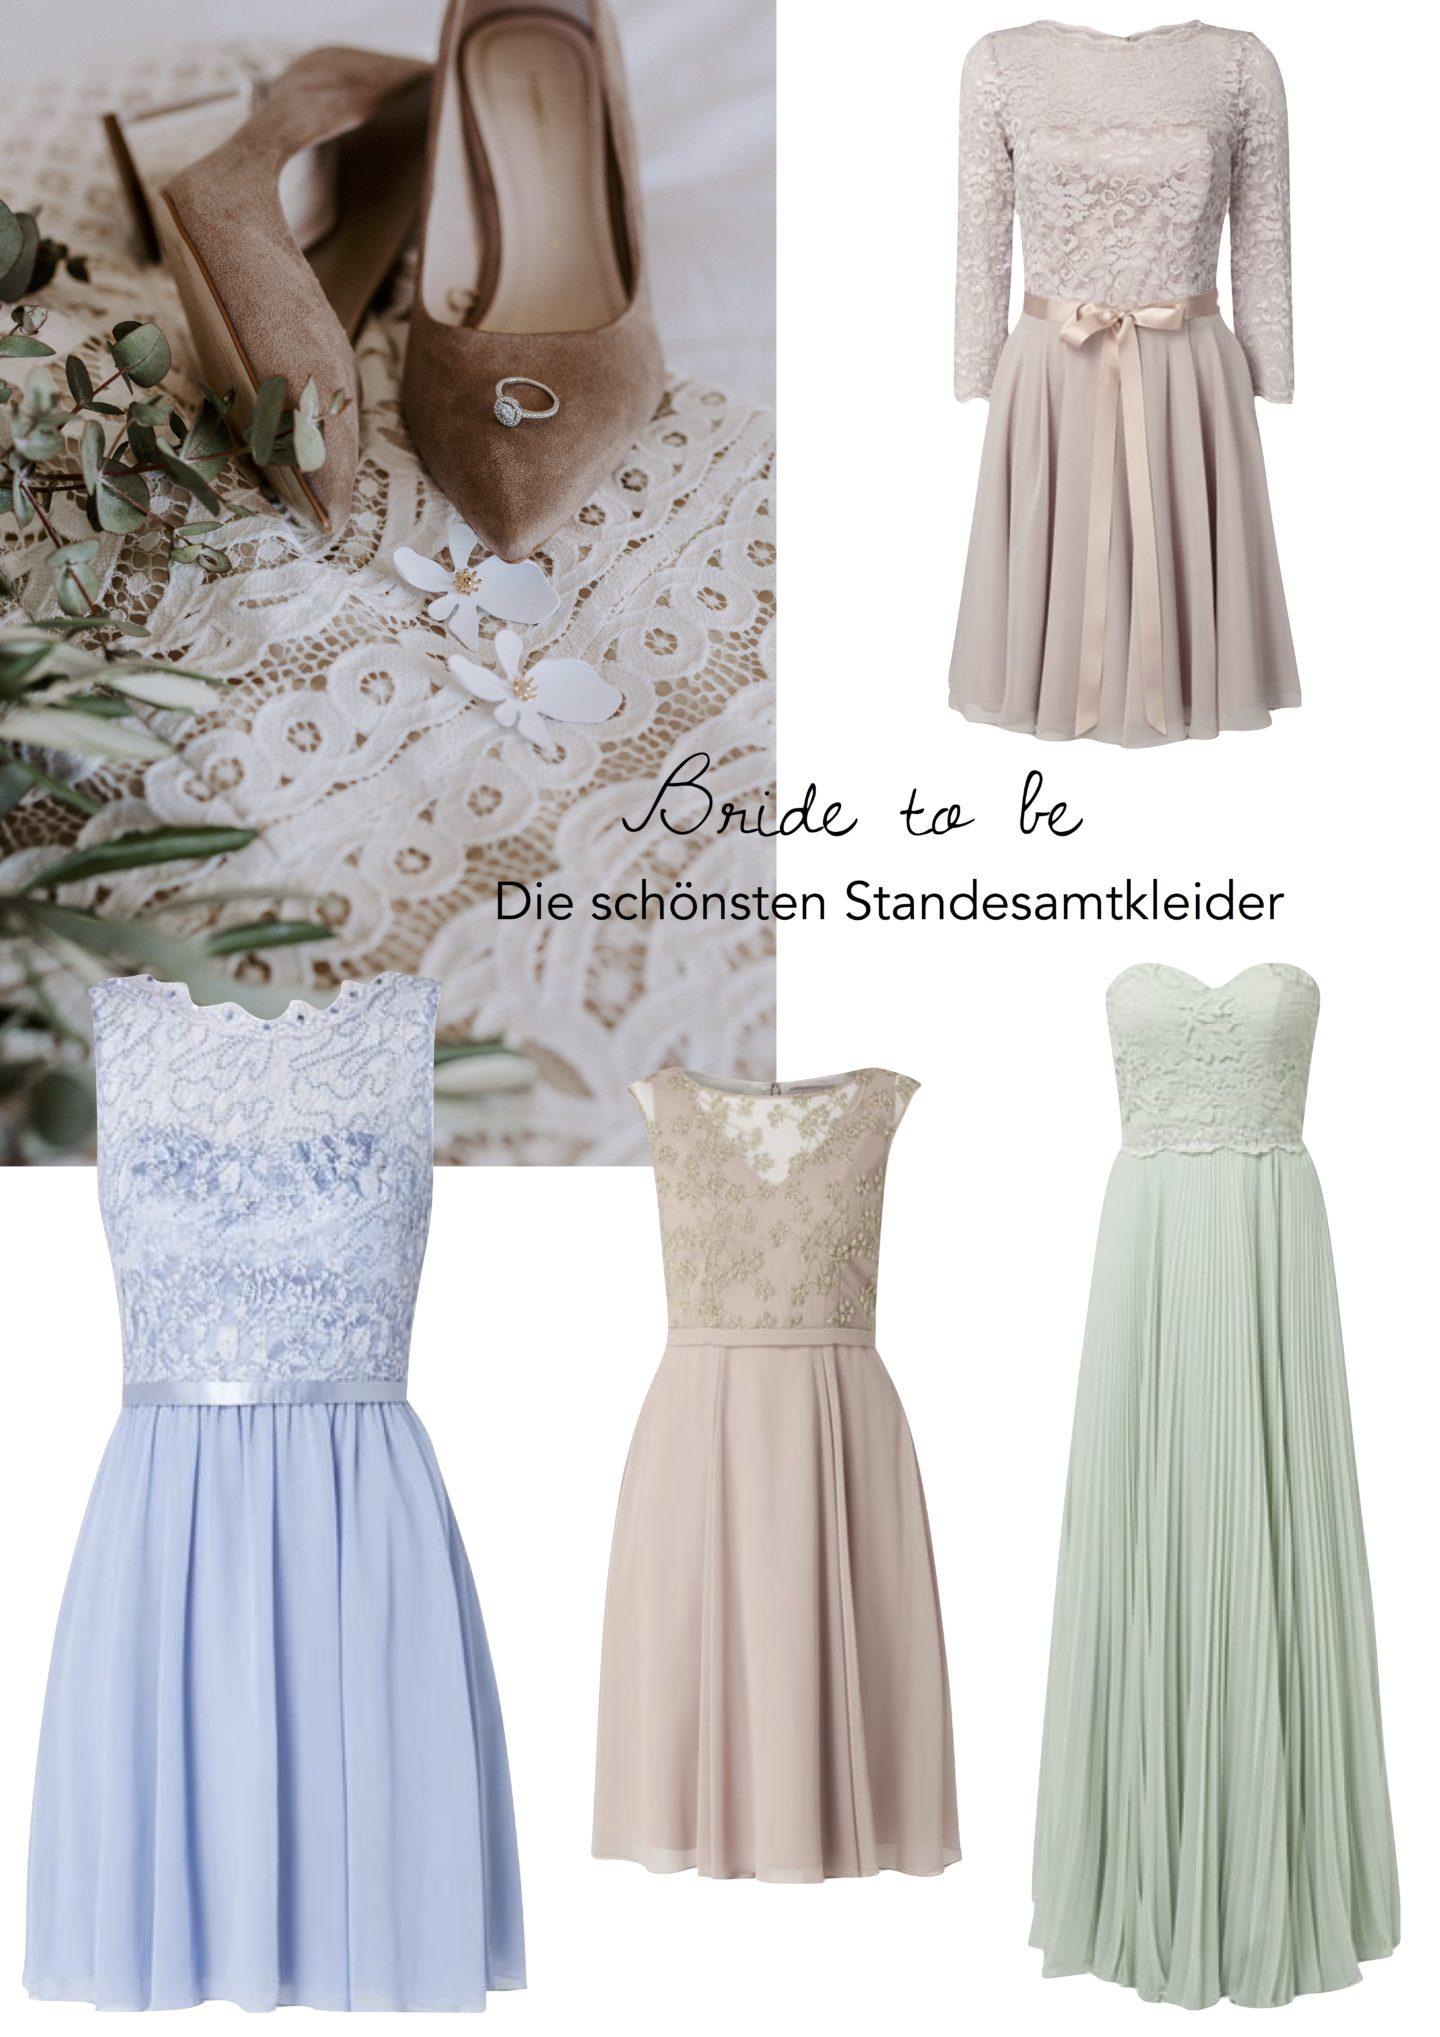 Standesamtkleider: Brautkleider in Pastell-Tönen